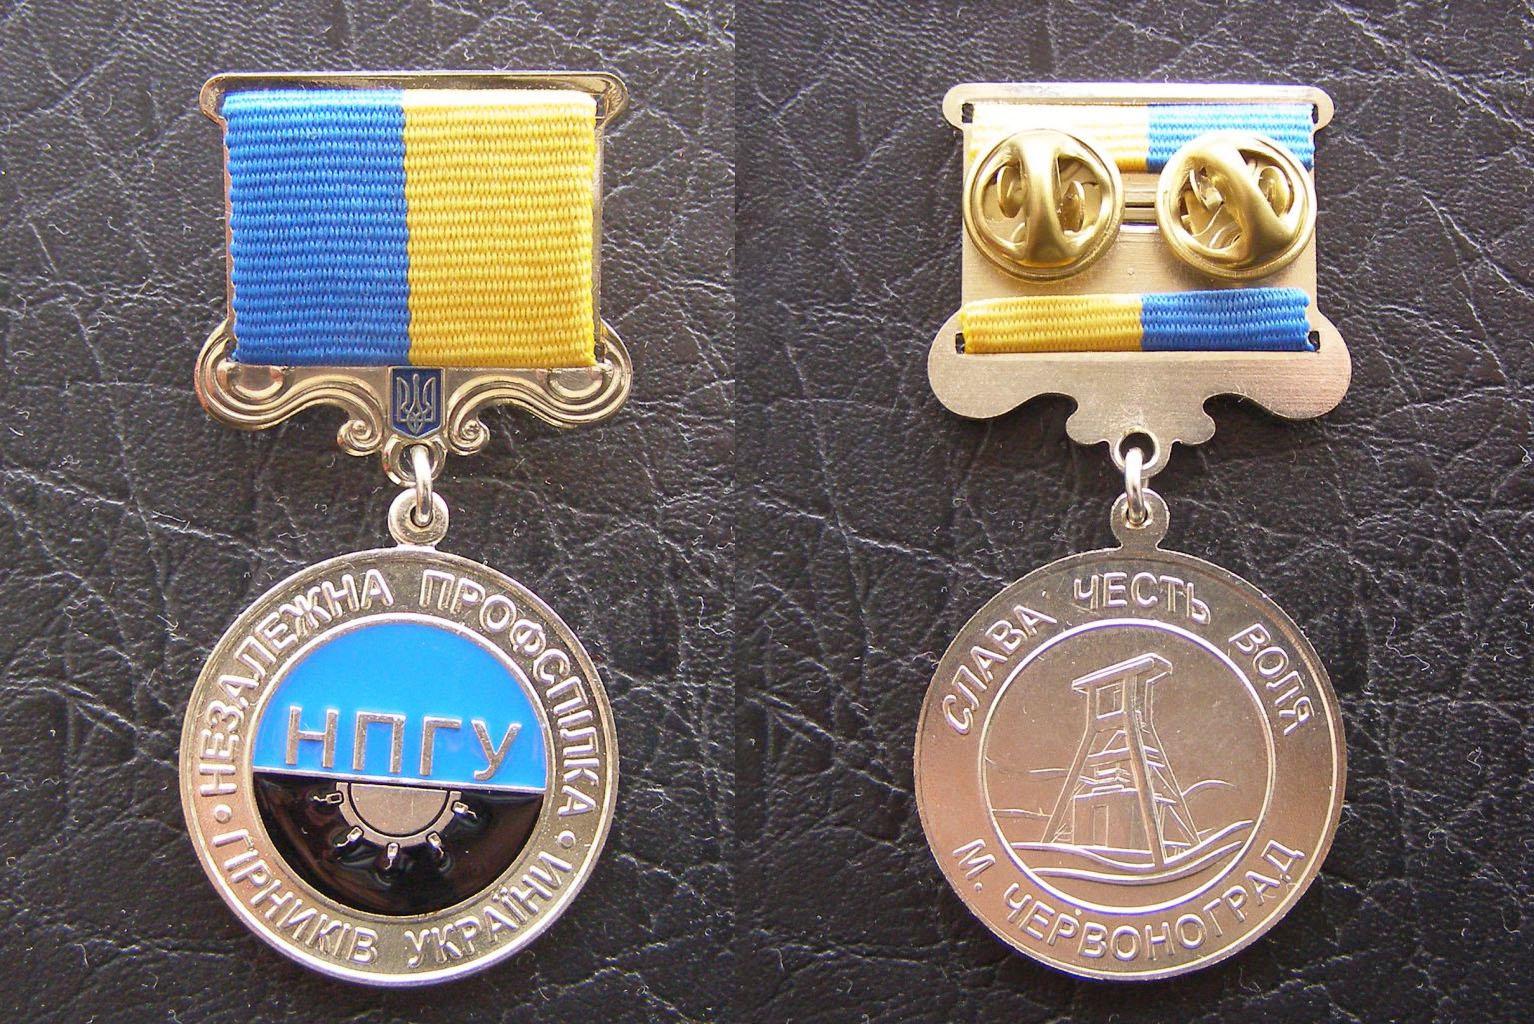 Нагорода НПГУ. 2010-ті рр.